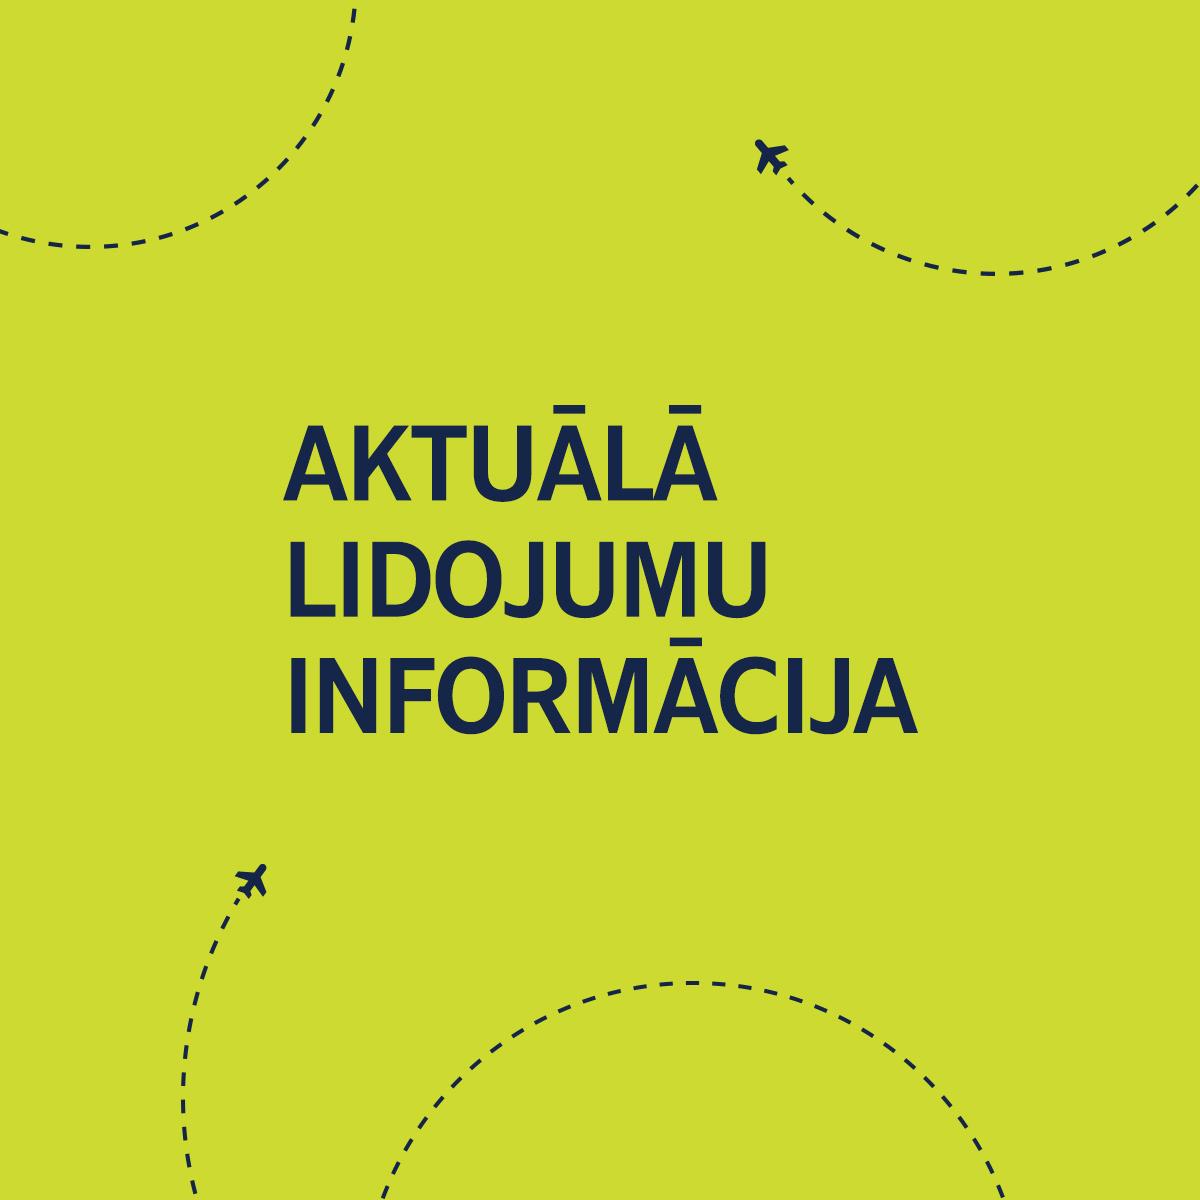 Aktuālā airBaltic lidojumu informācija image